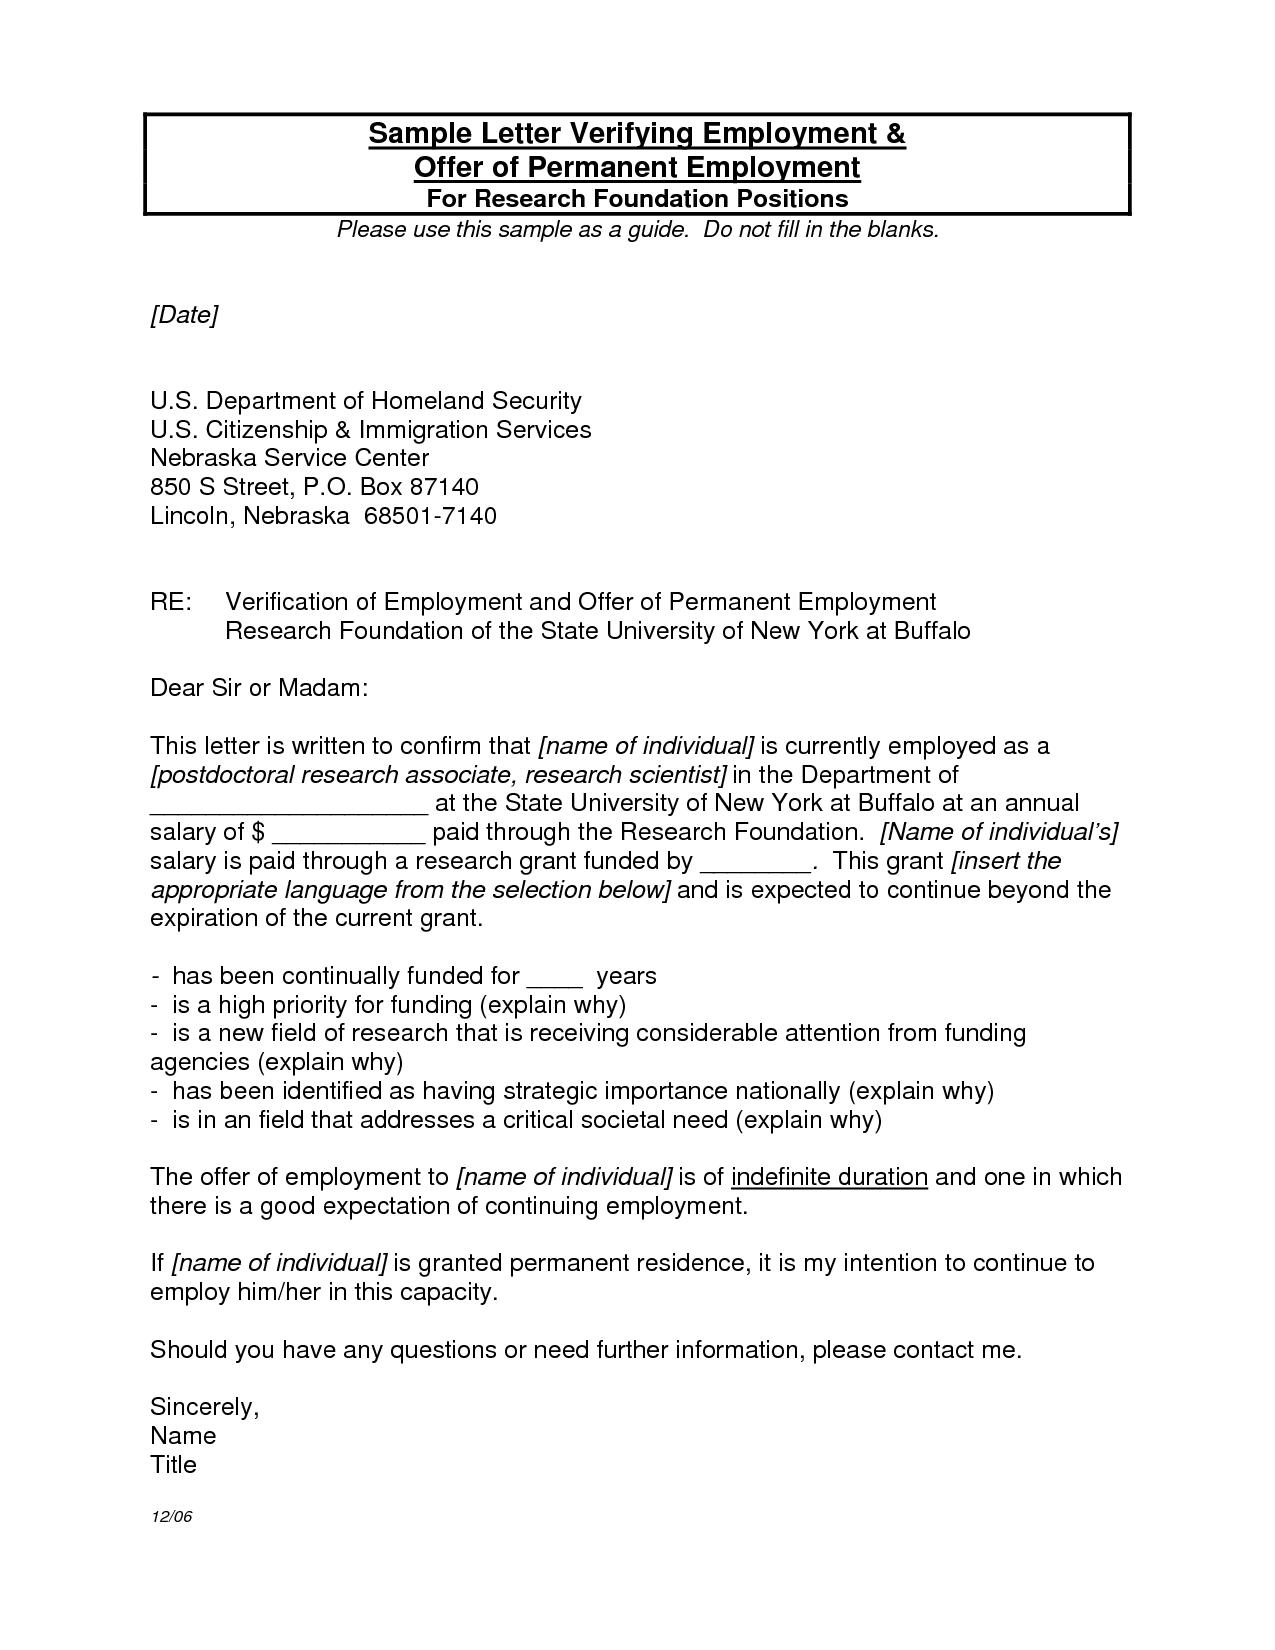 Sample Verification Letter From Employer Letter